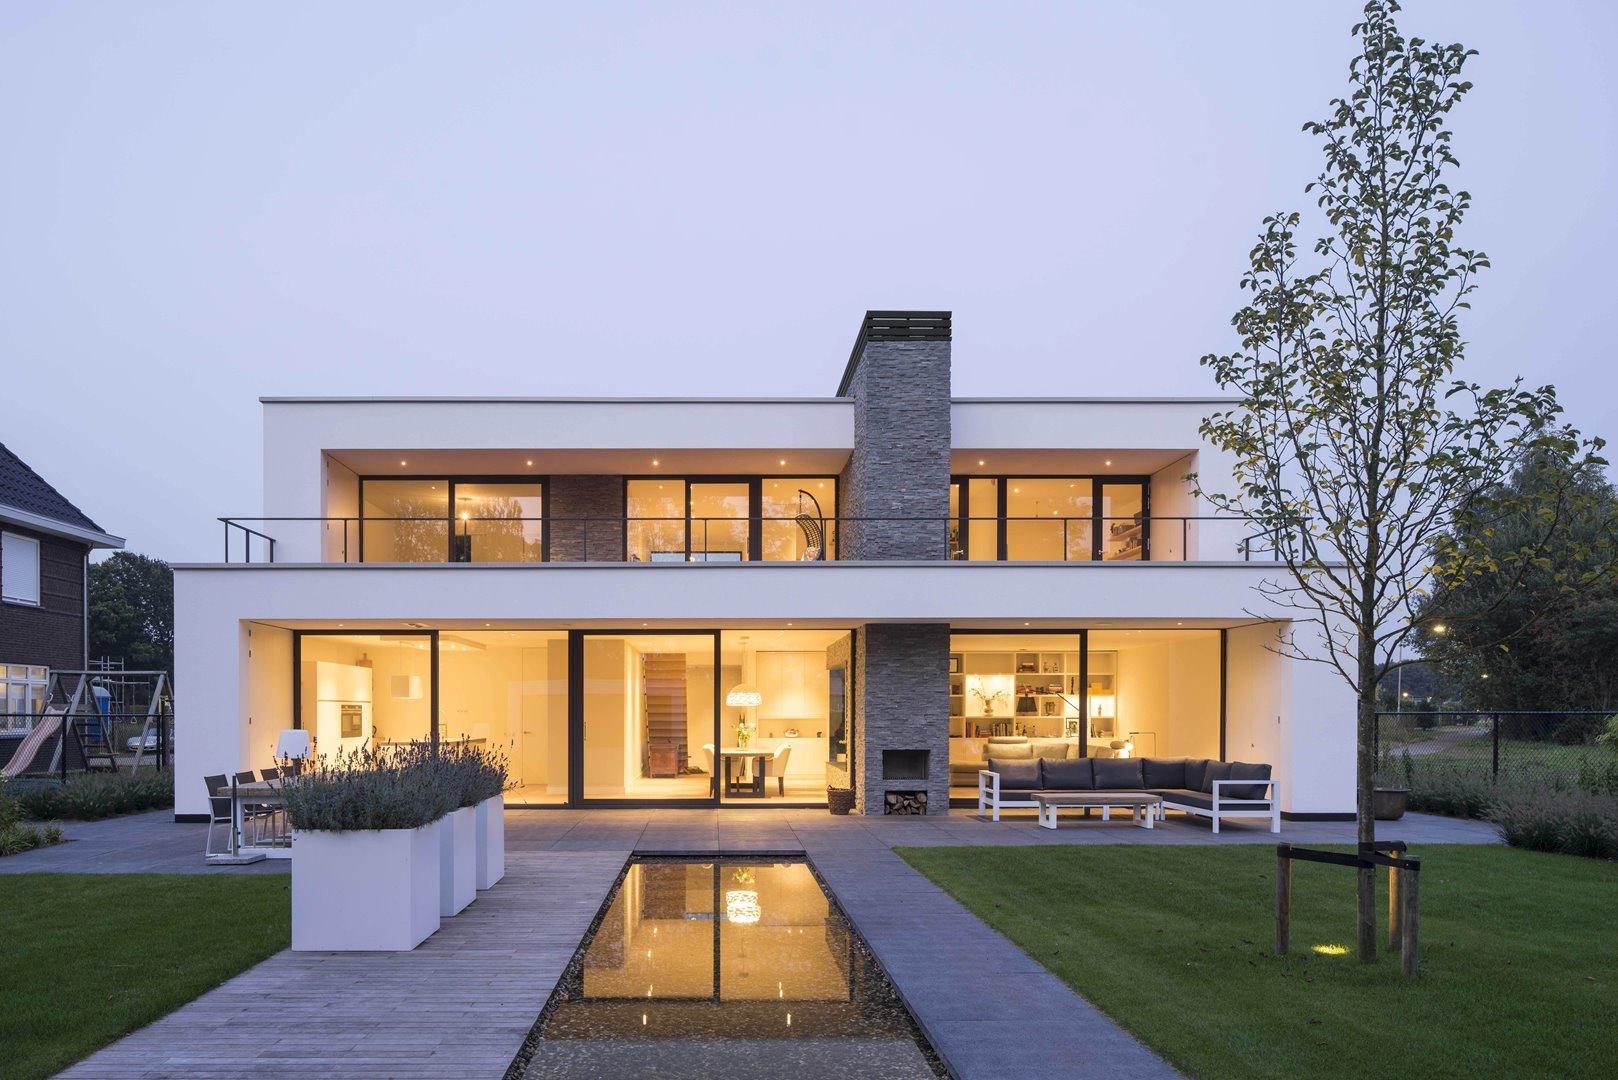 Gevel moderne villa met grote raampartijen